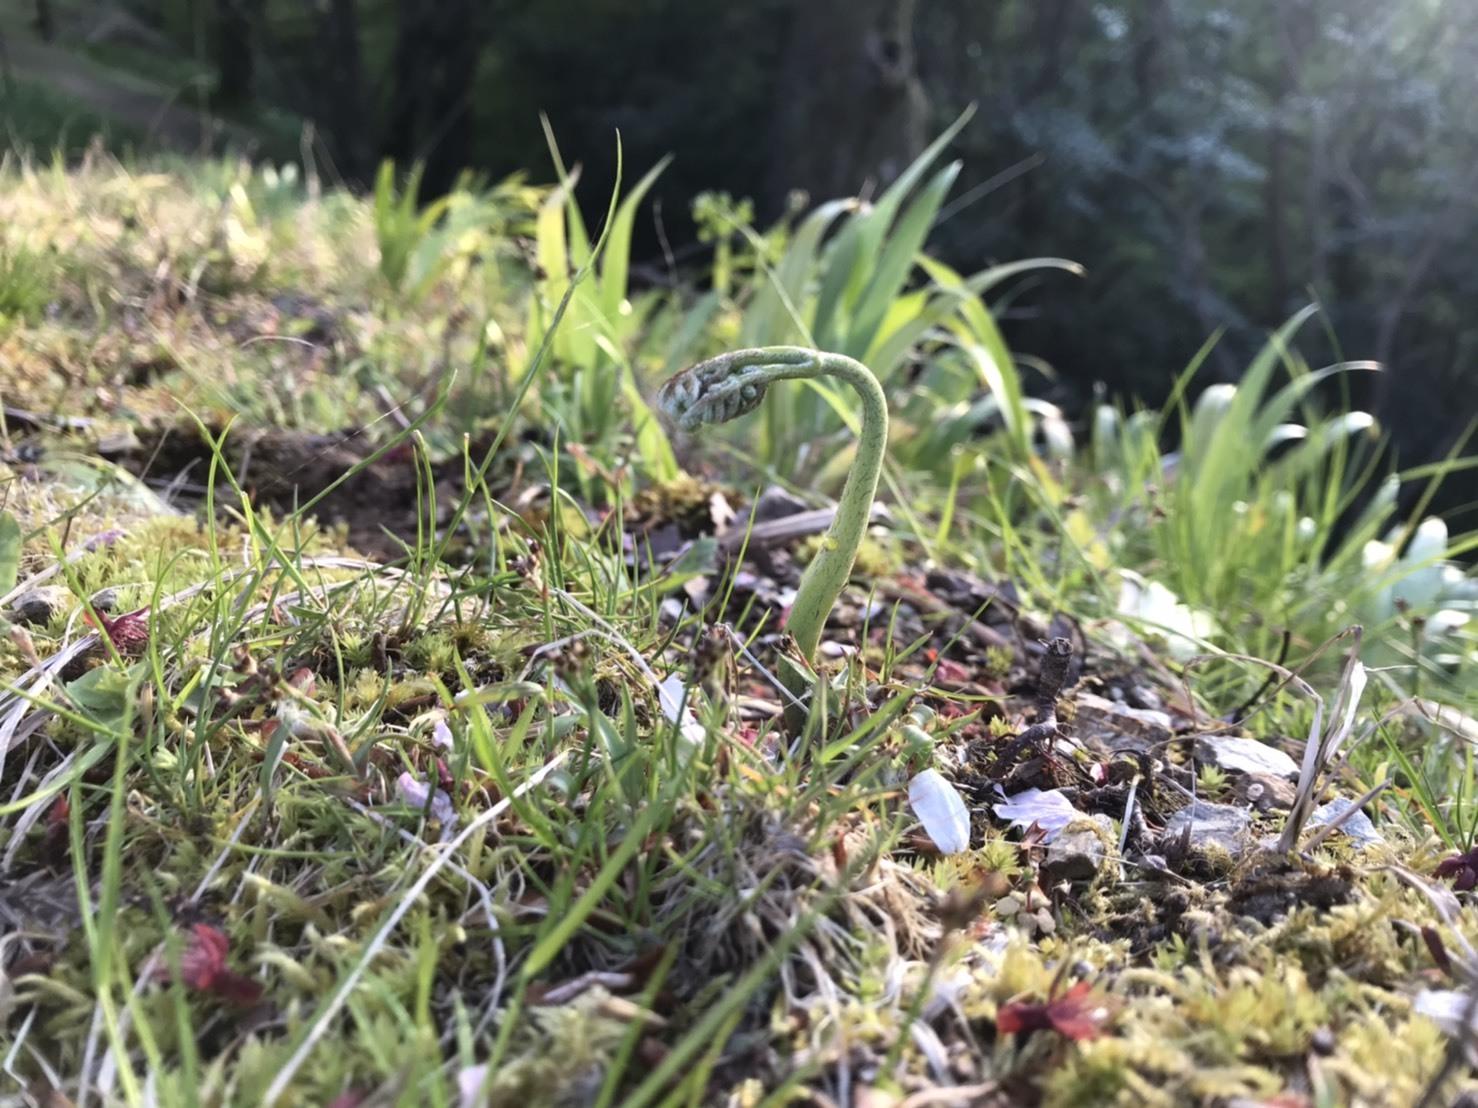 【春の味覚】わらびの収穫に行ってきました!_e0154524_15530845.jpg